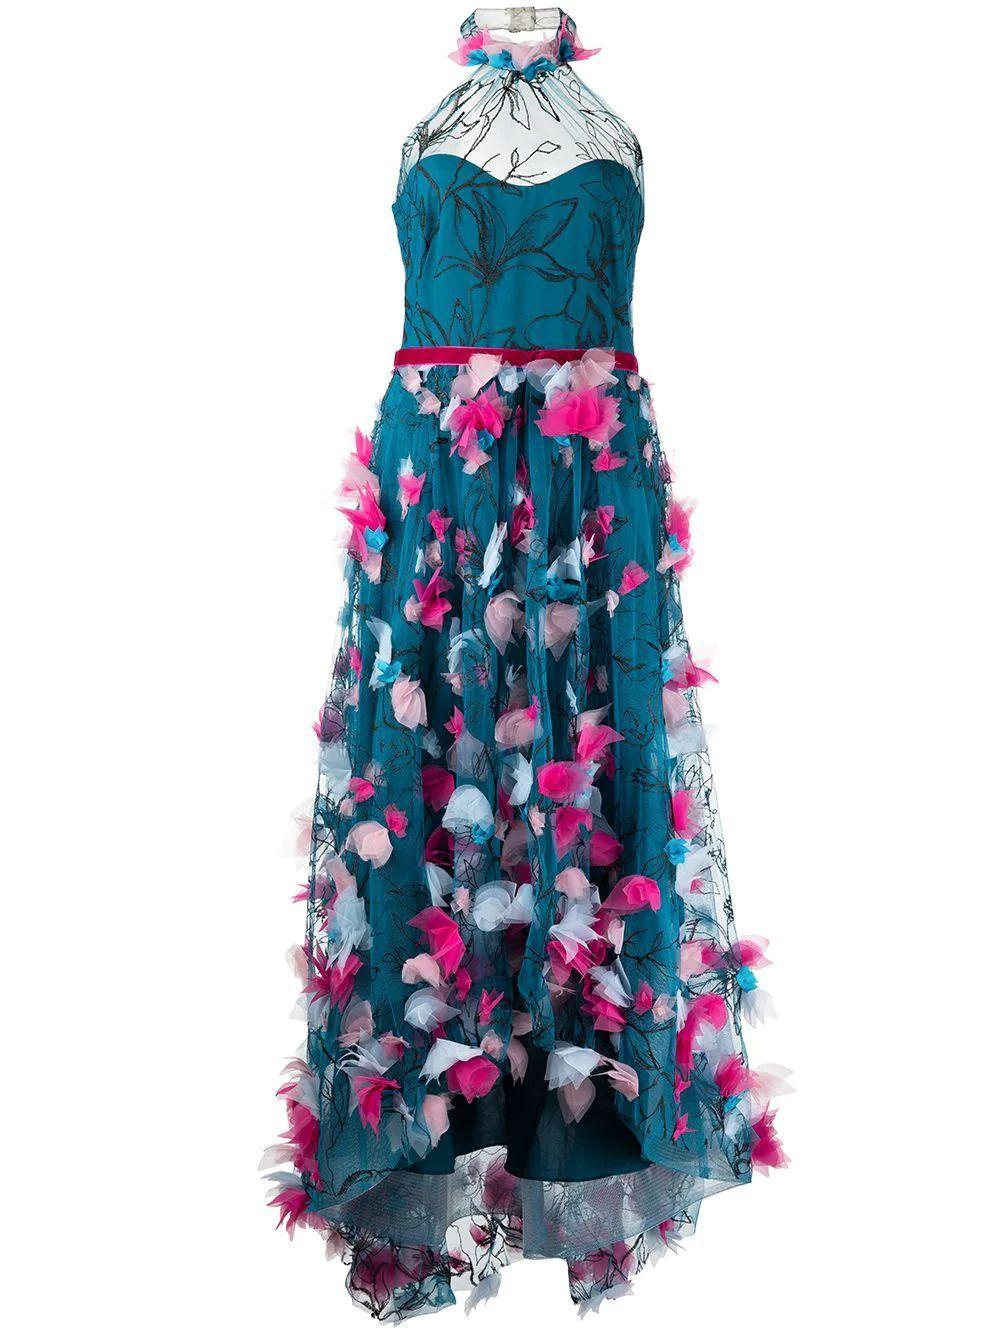 Floral Applique Gown Item # N48M2728